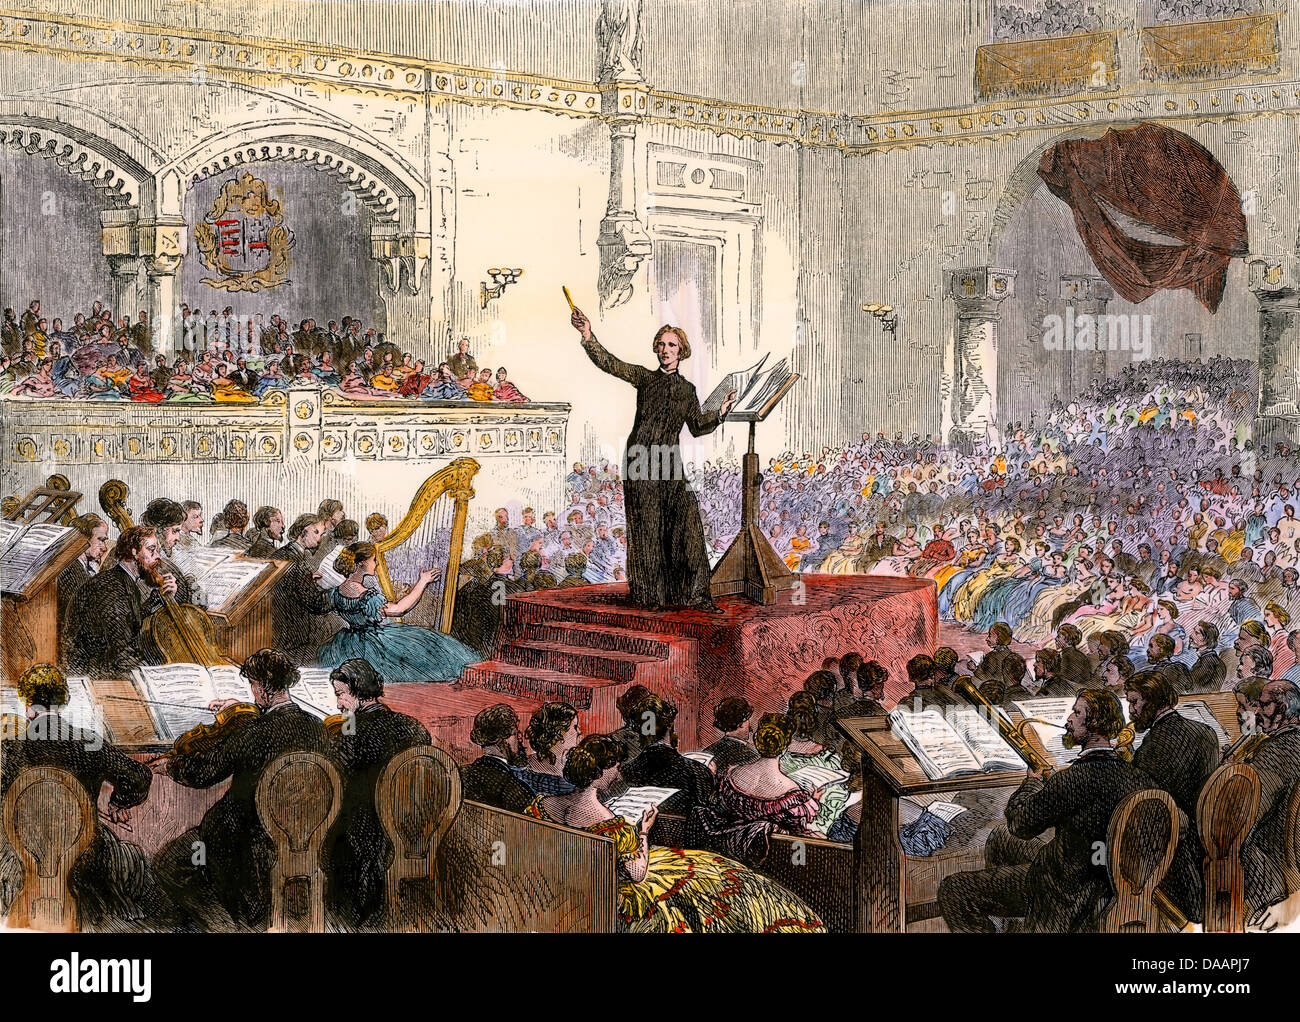 Franz Liszt realizando su nuevo oratorio en Budapest, Hungría, 1860. Xilografía coloreada a mano Imagen De Stock